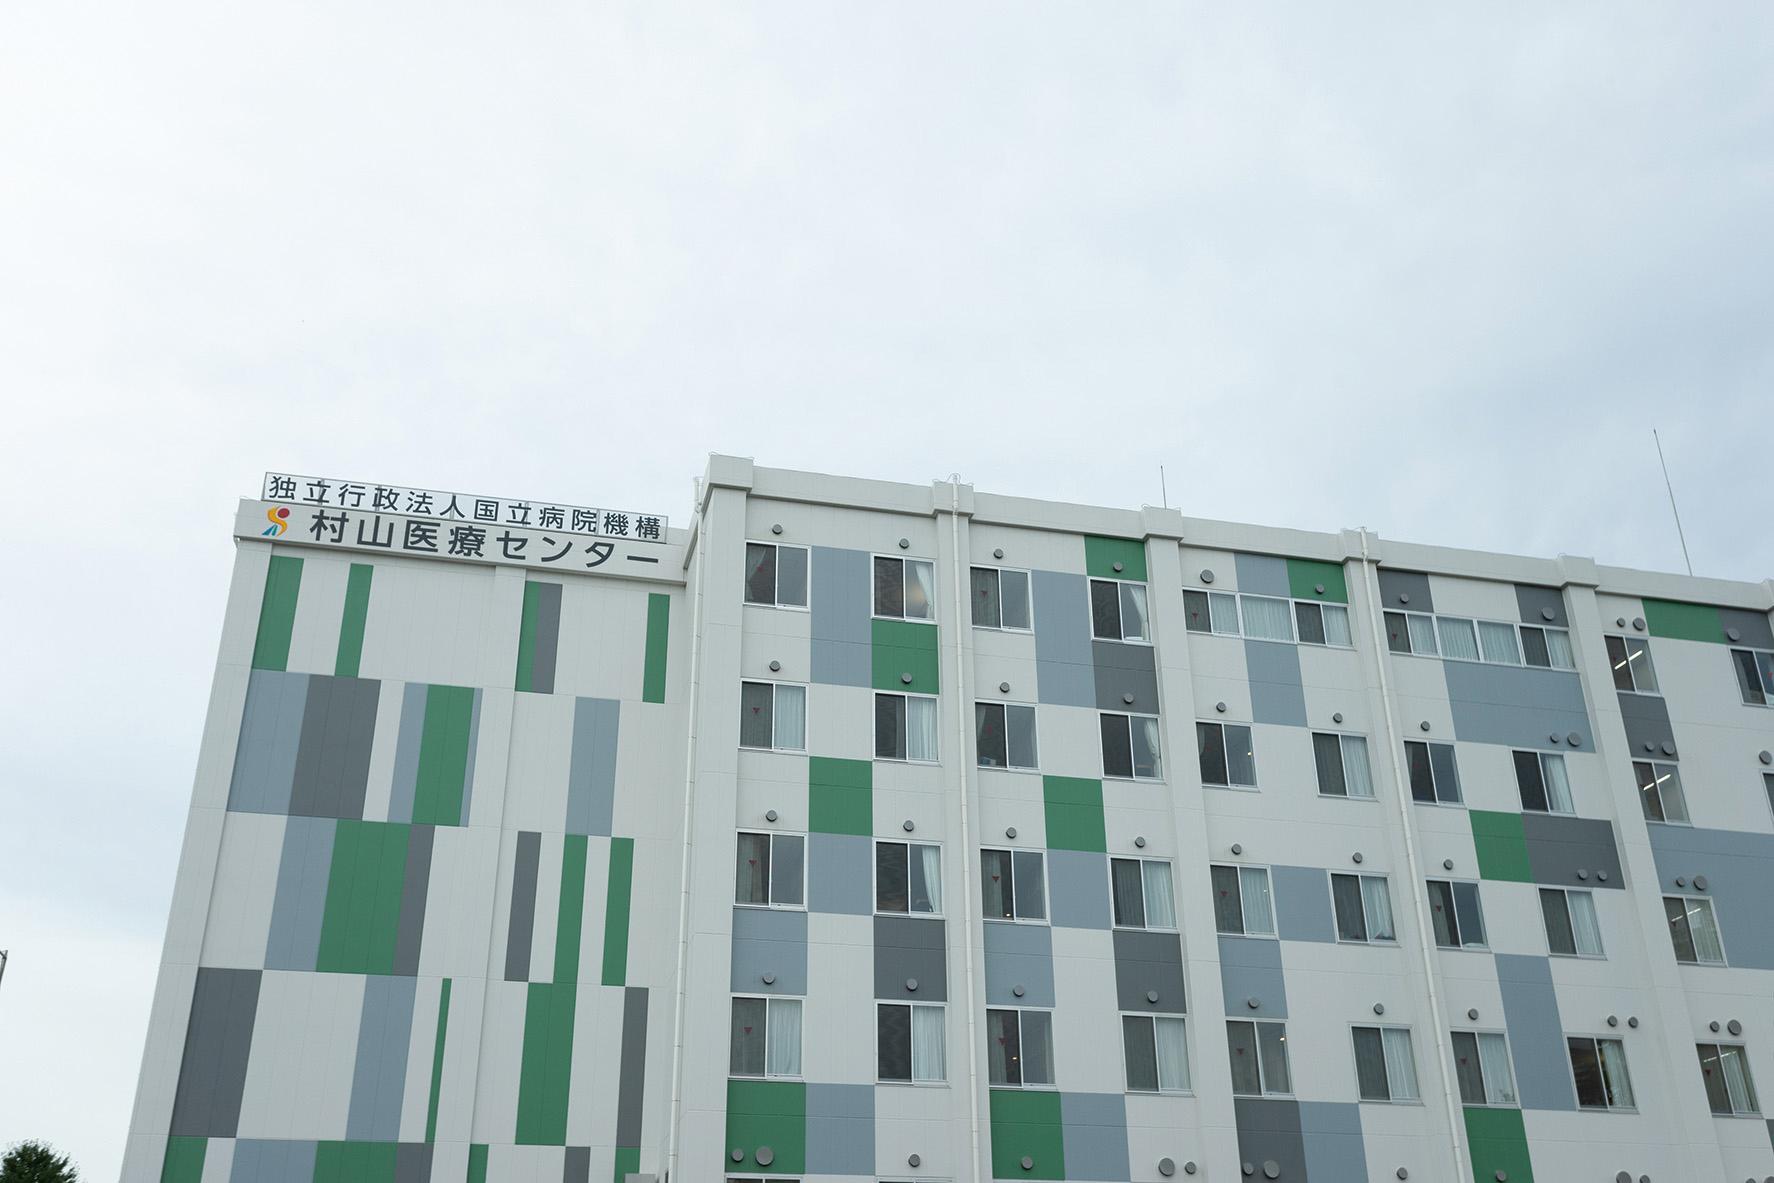 黒字経営化を経て念願の新病棟が完成